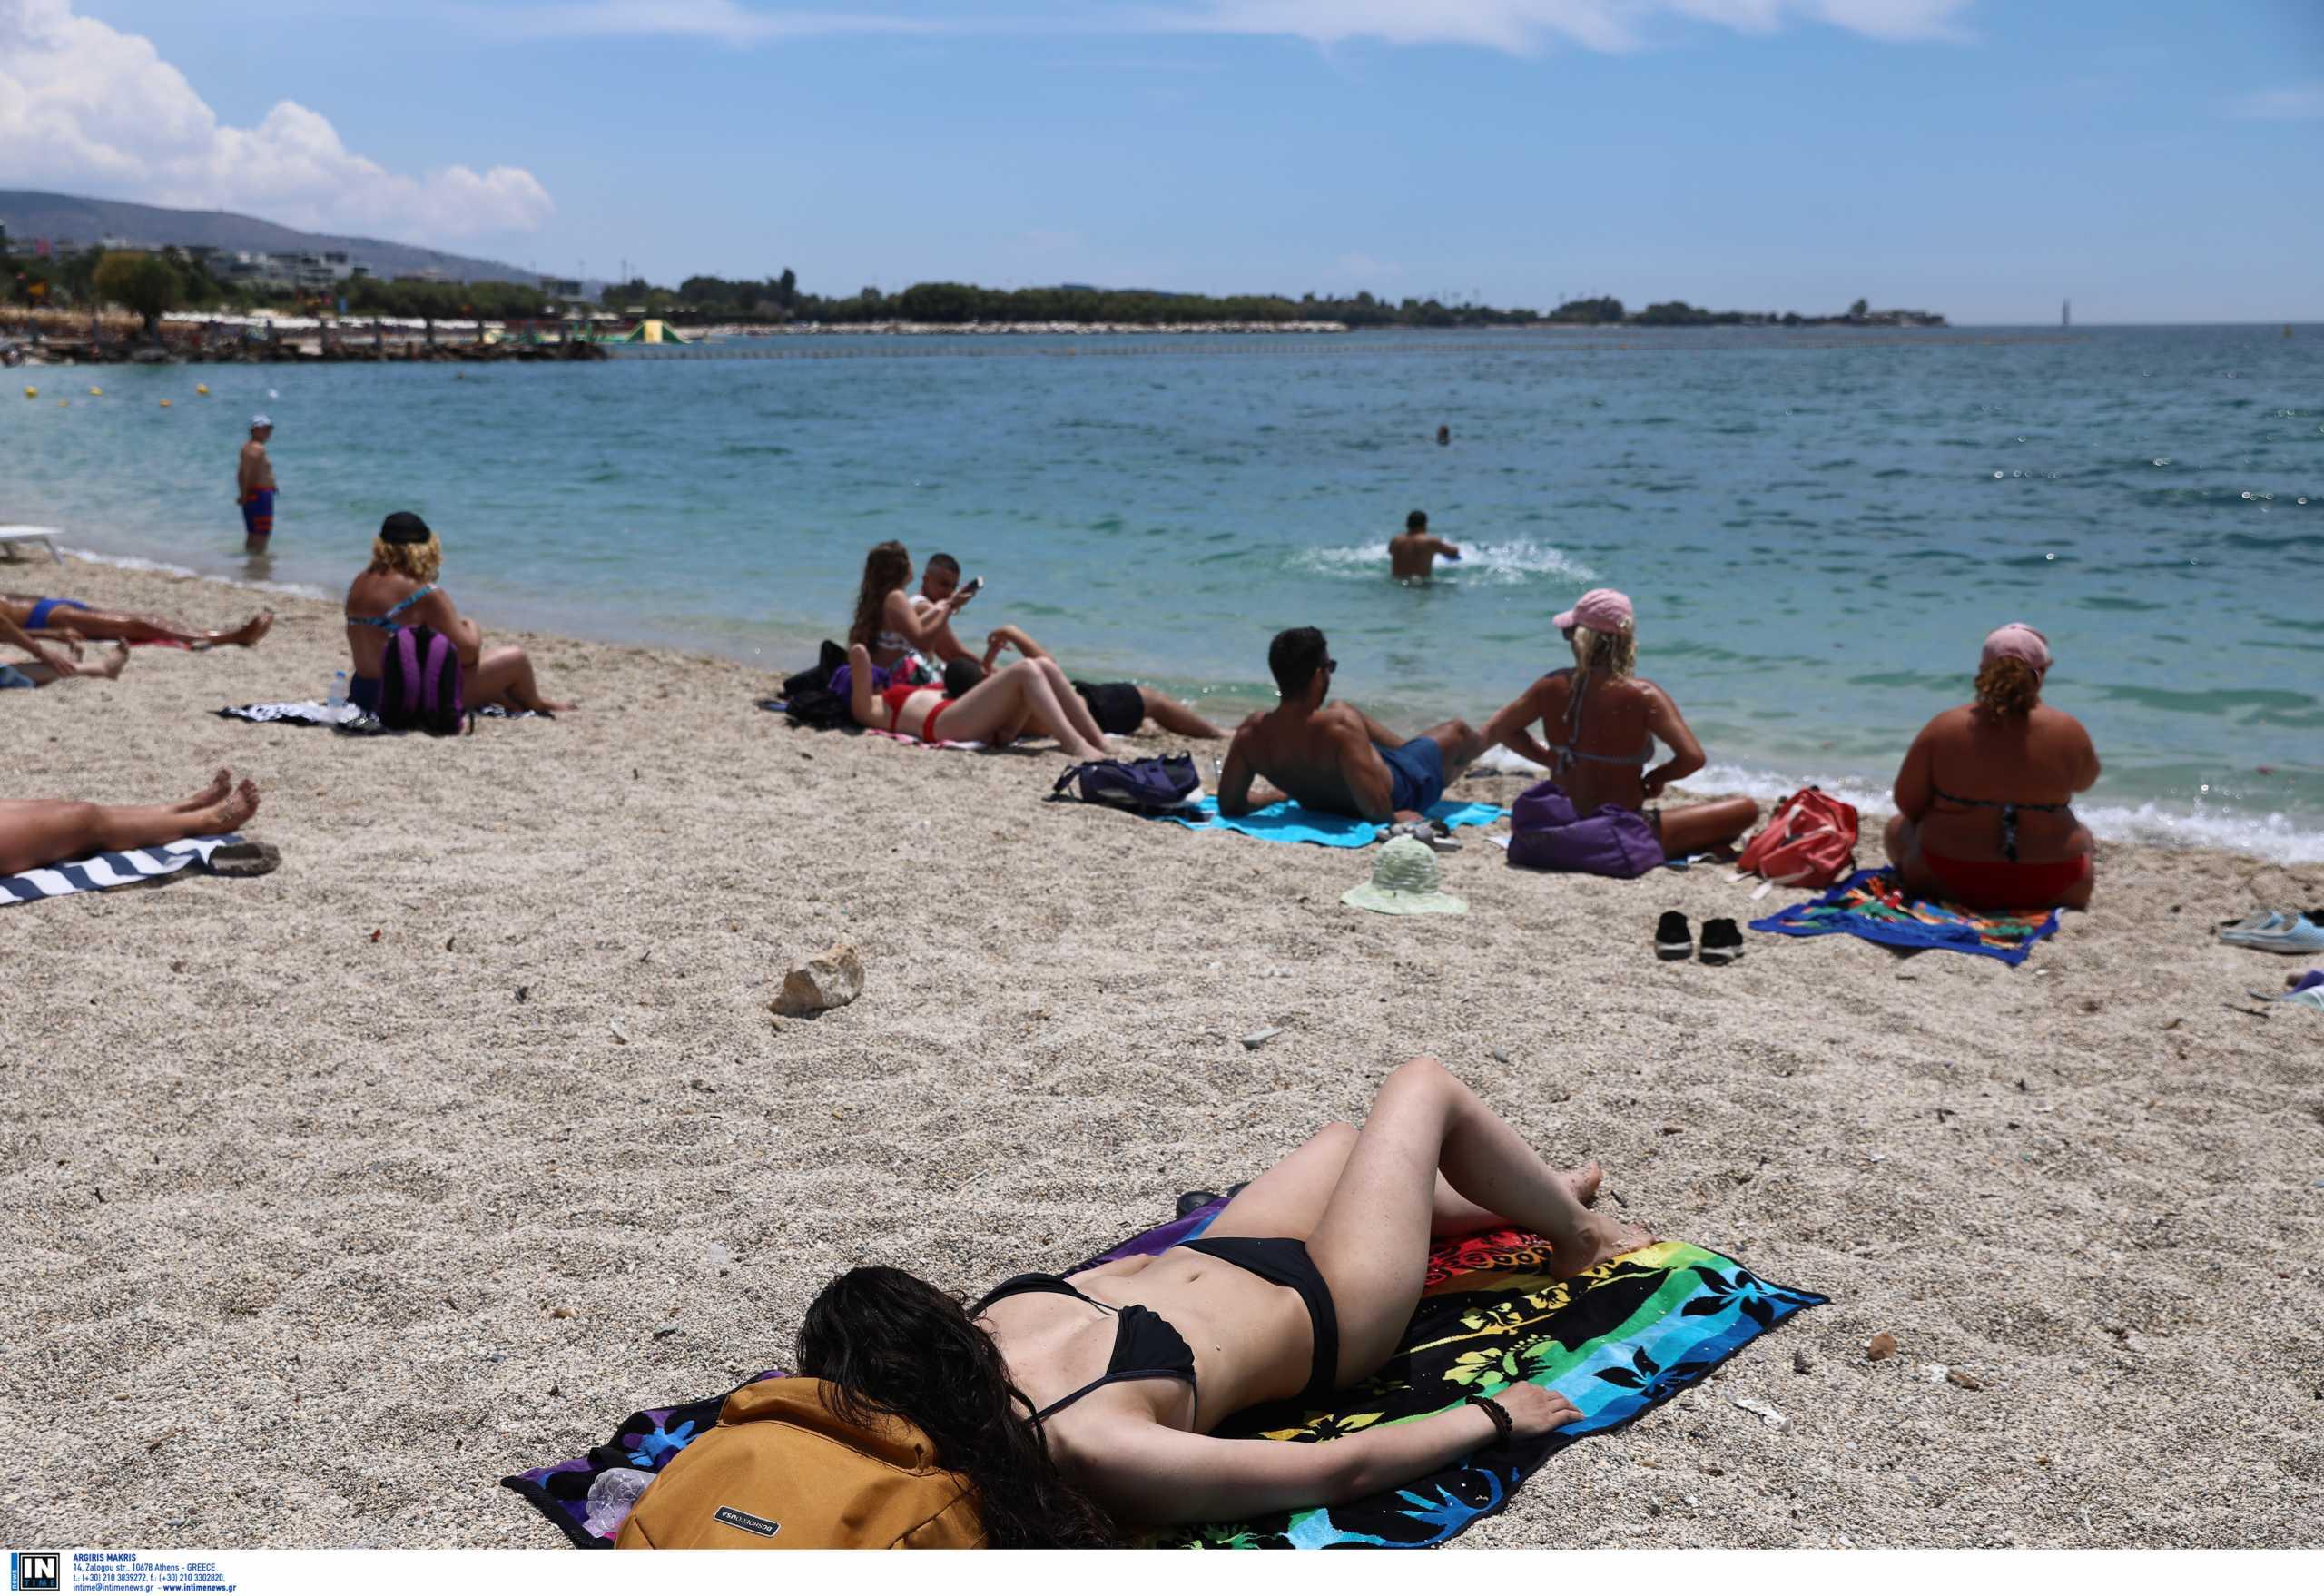 Καιρός: «Λιώνει» από τη ζέστη η χώρα – Μέχρι και 42 βαθμούς η θερμοκρασία